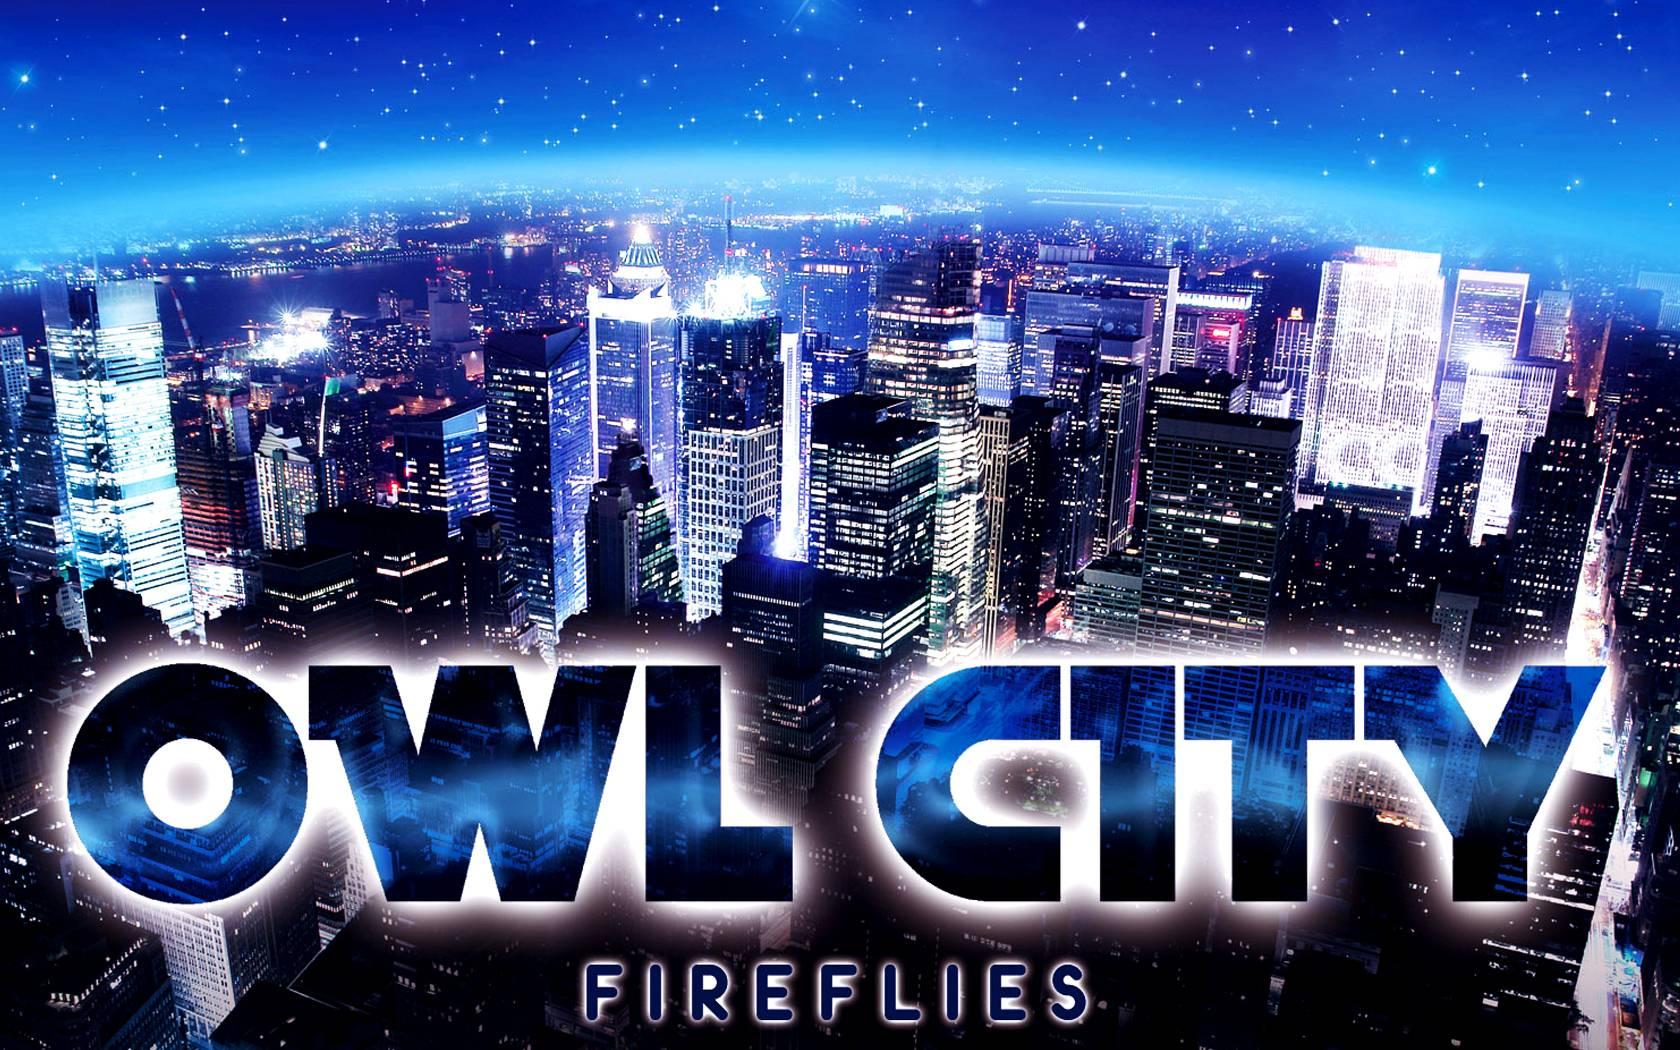 Owl City Fireflies Wallpapers - Wallpaper Cave